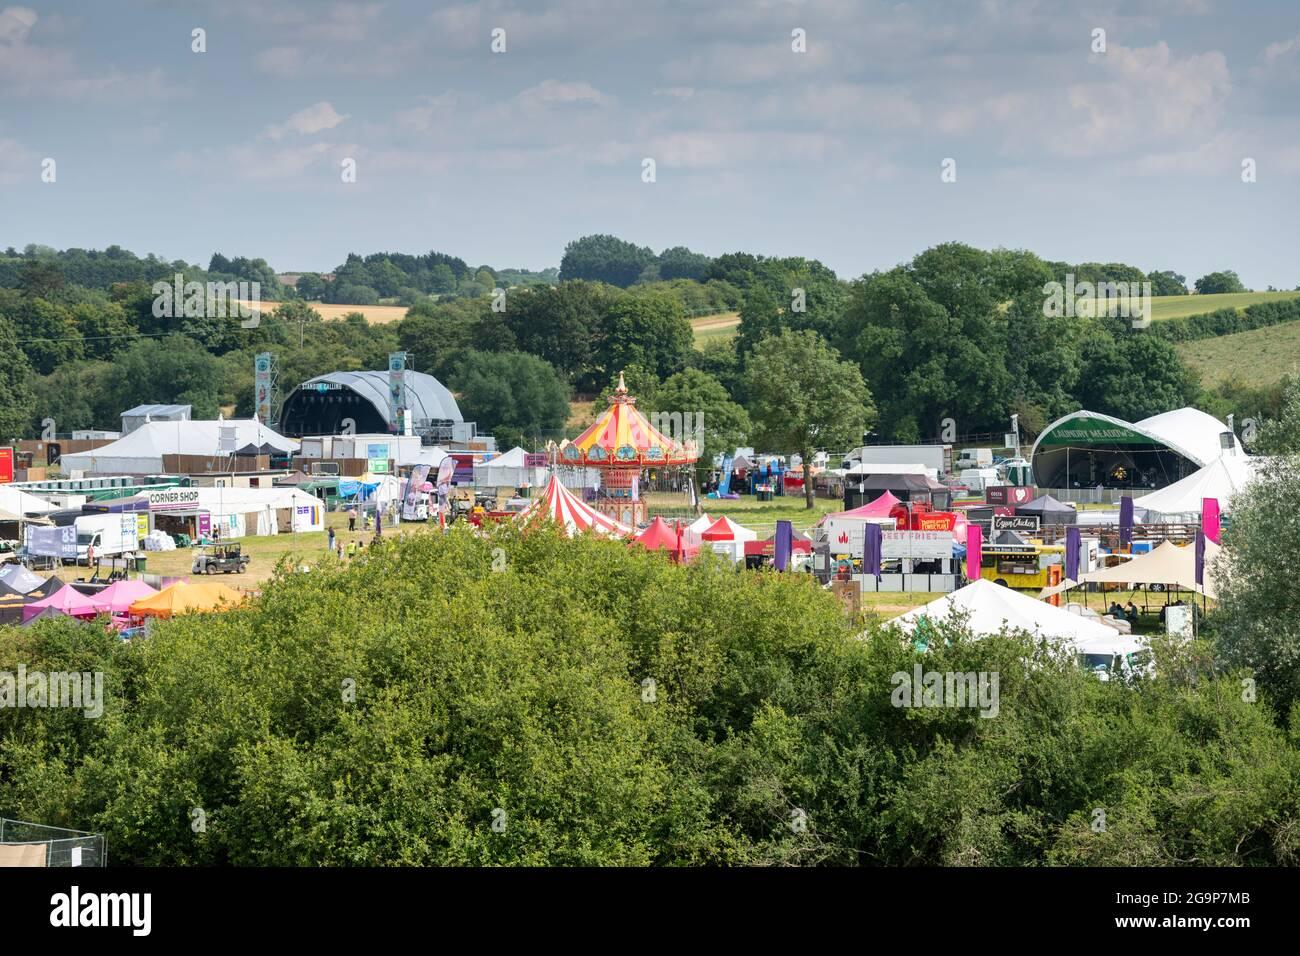 Una vista della principale area eventi a Standon Calling Music Festival 2021 Hertfordshire UK Foto Stock